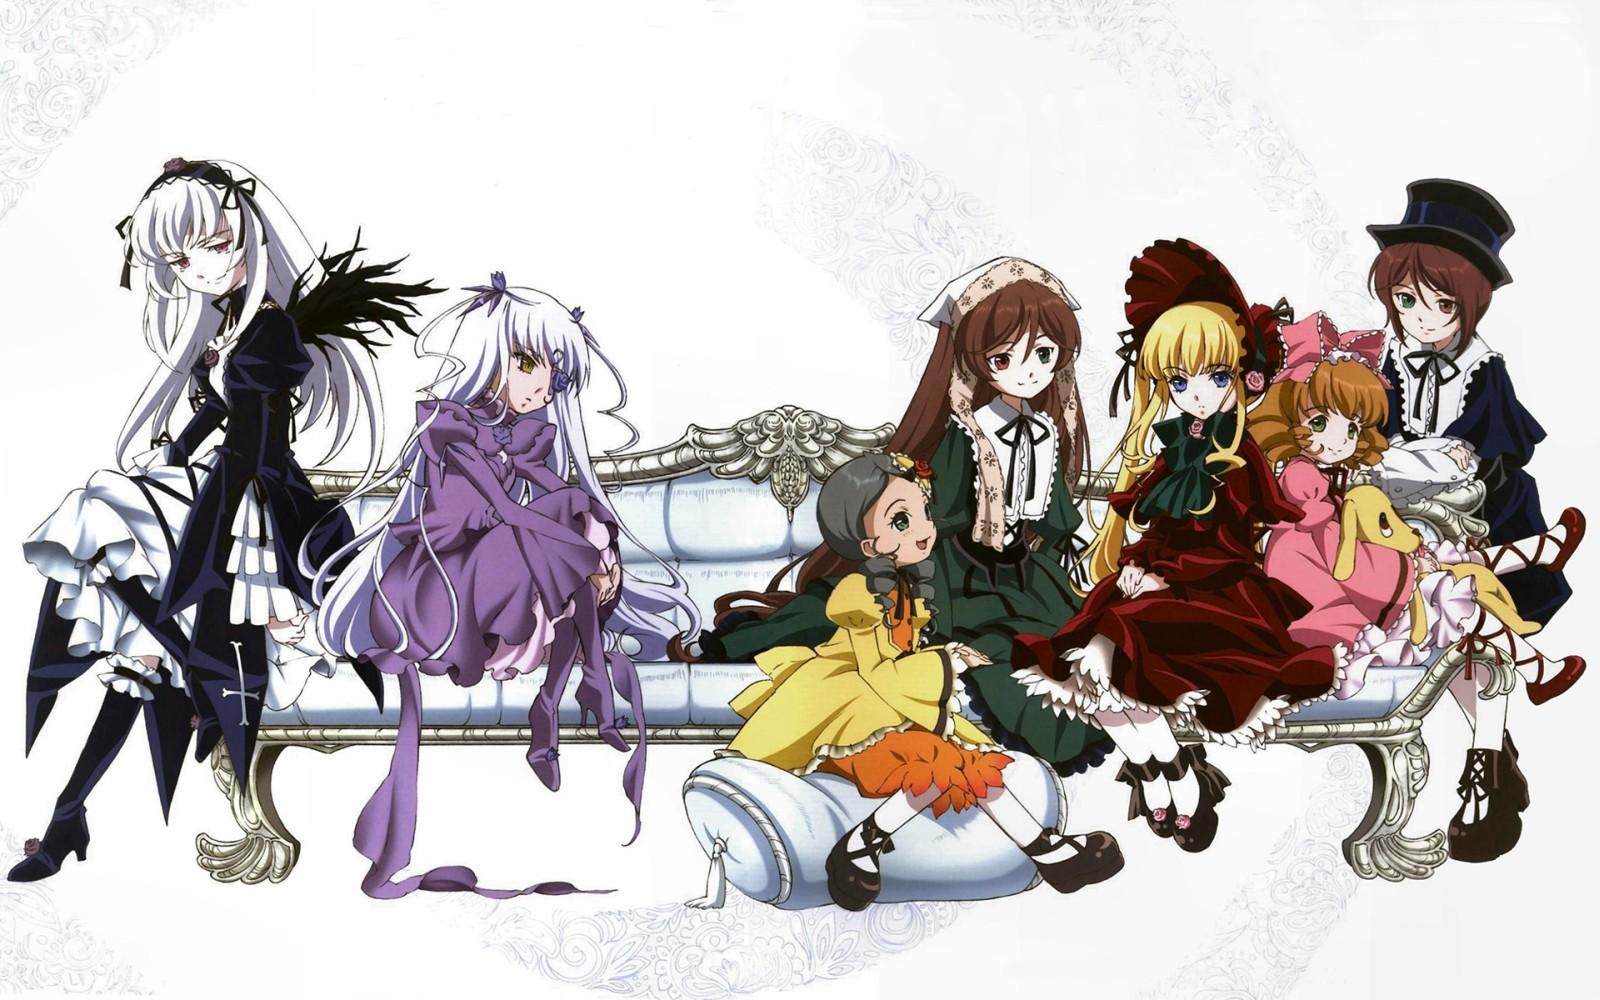 Смотреть Онлайн Девы Розена 1,2 сезон + OVA / Rozen Maiden 1,2 + OVA